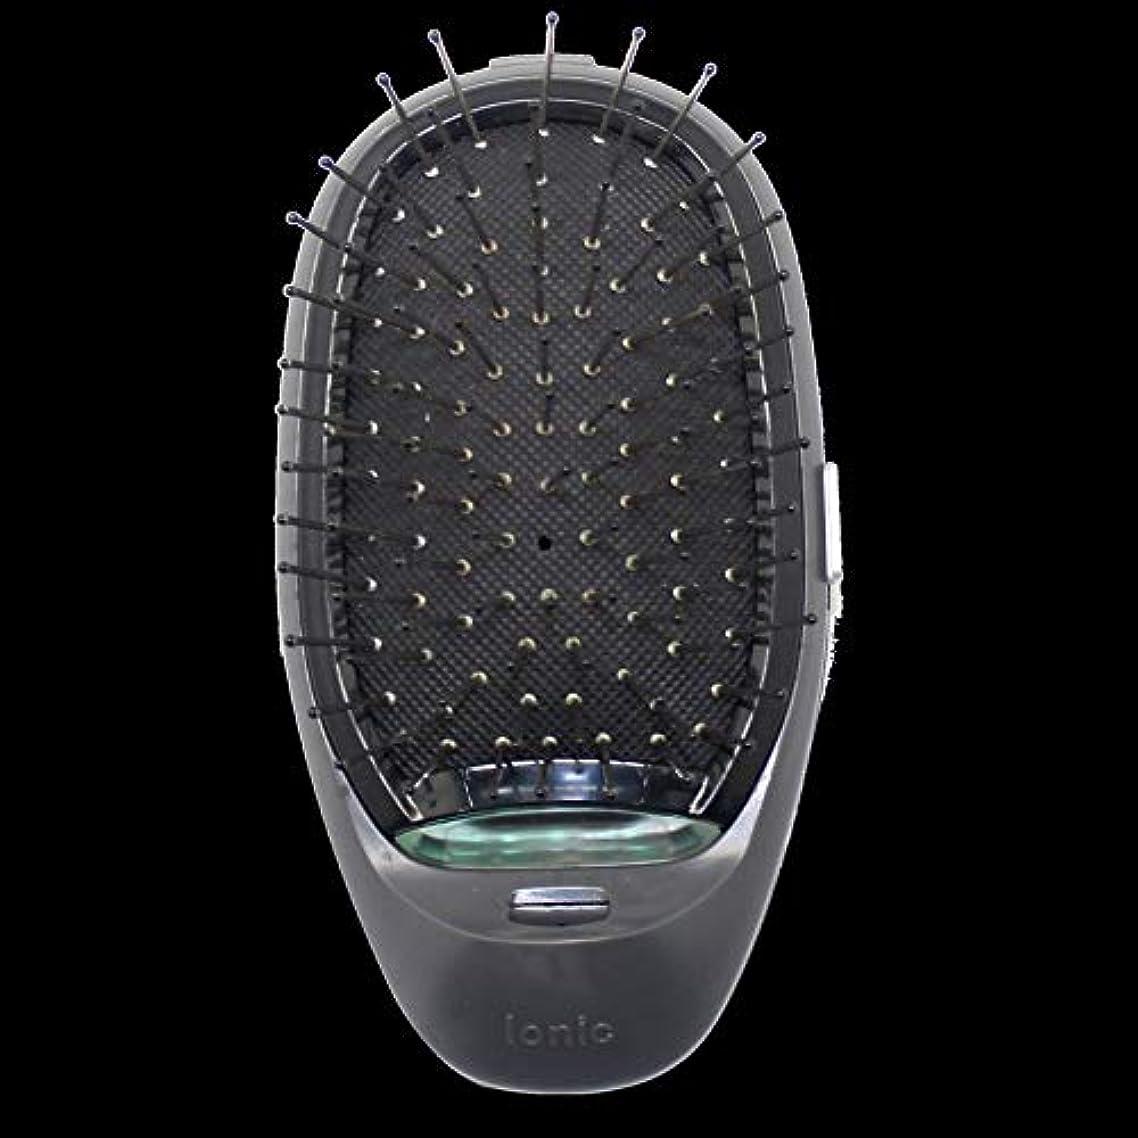 気球ログ南東電動マッサージヘアブラシミニマイナスイオンヘアコム3Dインフレータブルコーム帯電防止ガールズヘアブラシ電池式 - ブラック